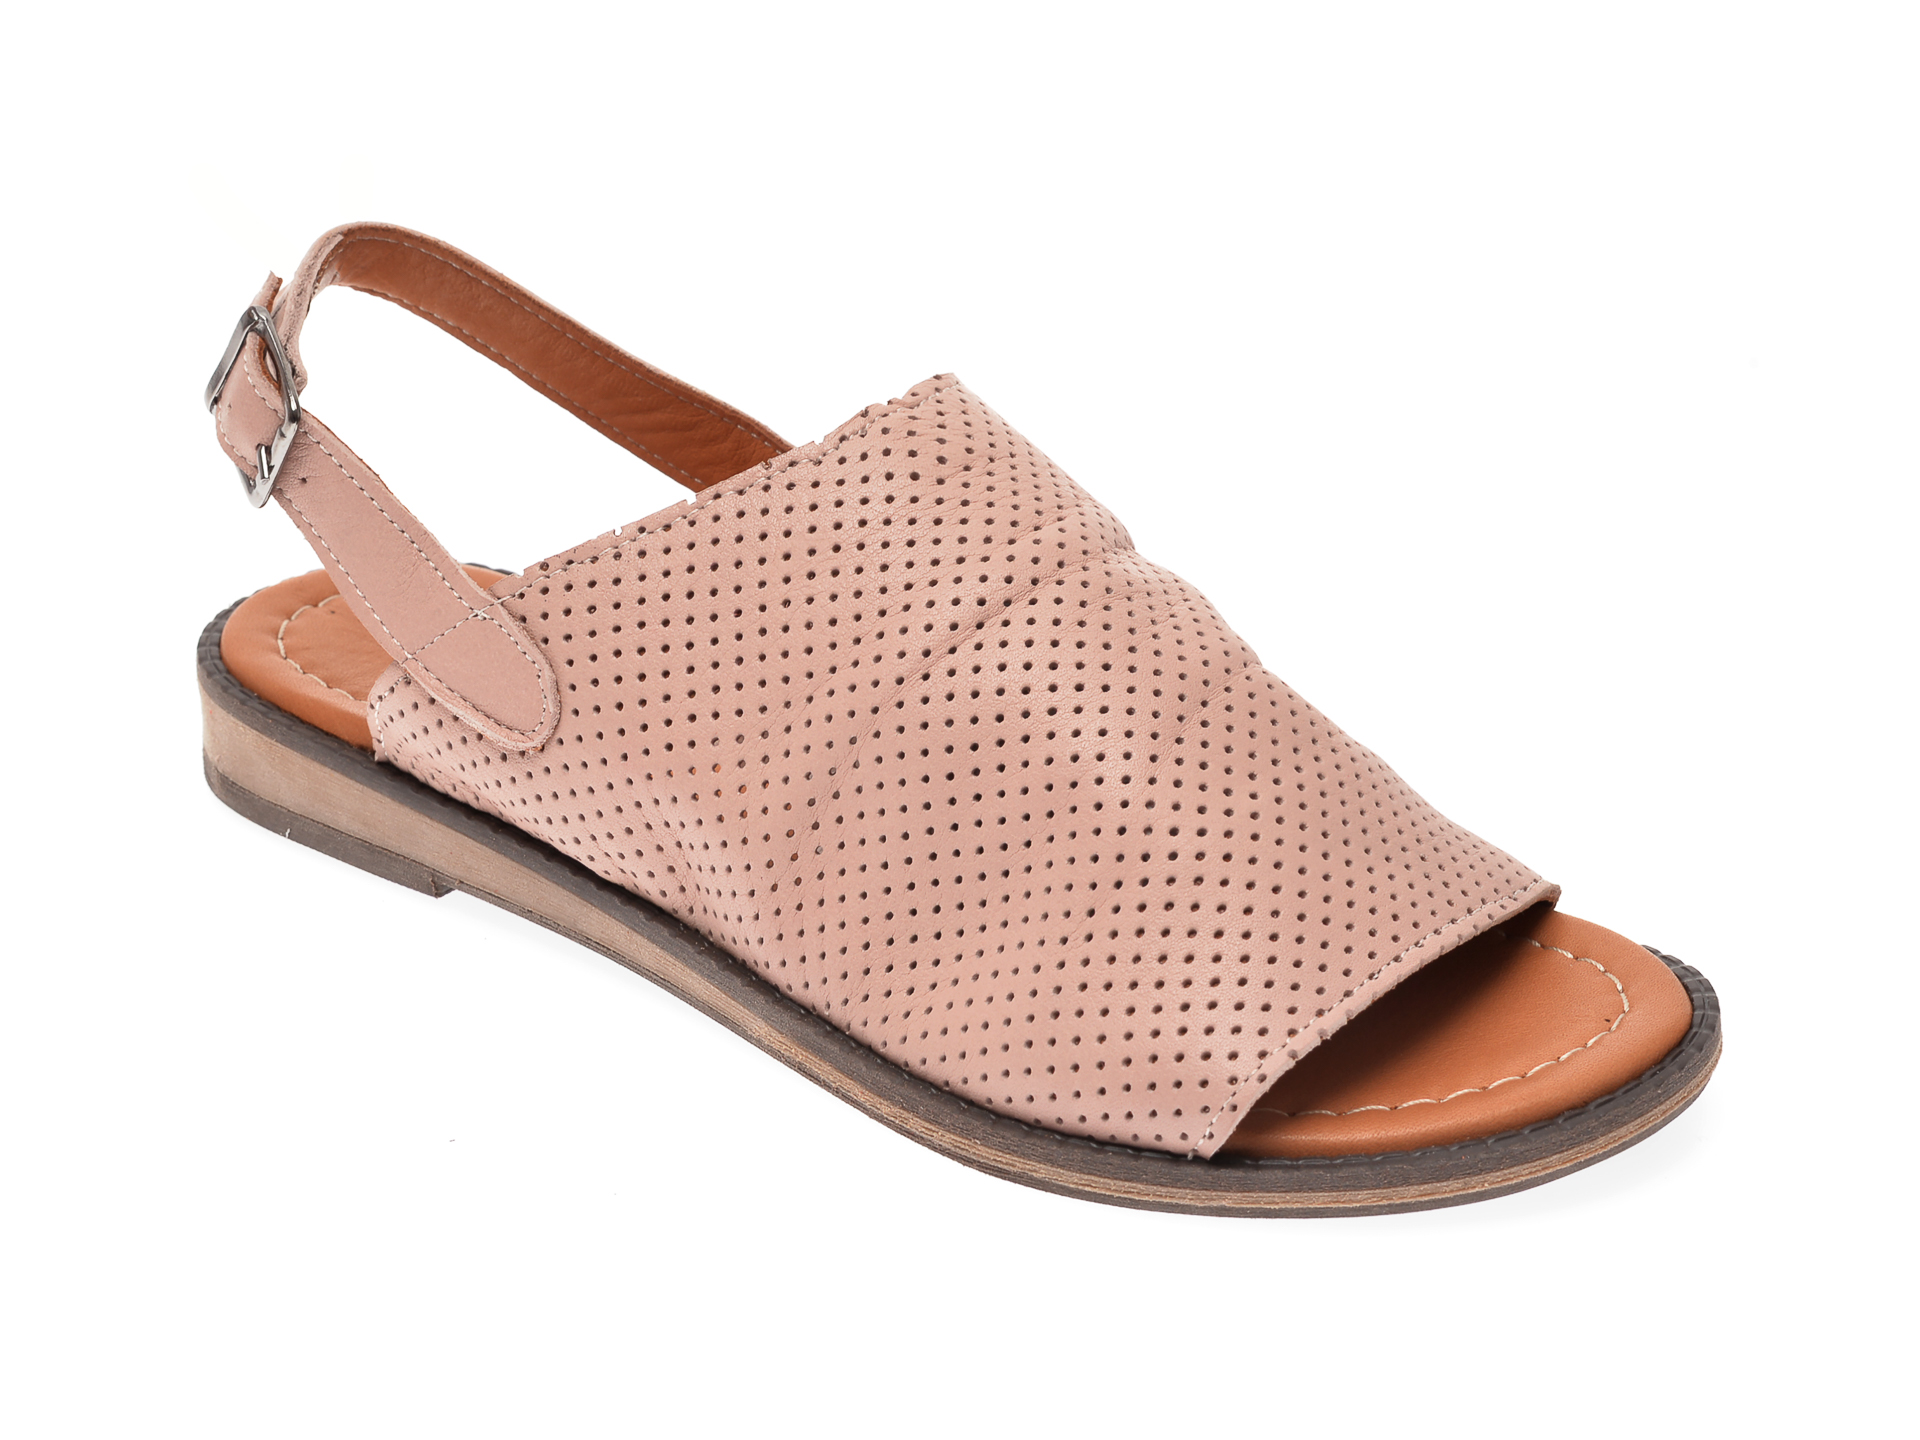 Sandale Image nude, 201, din piele naturala